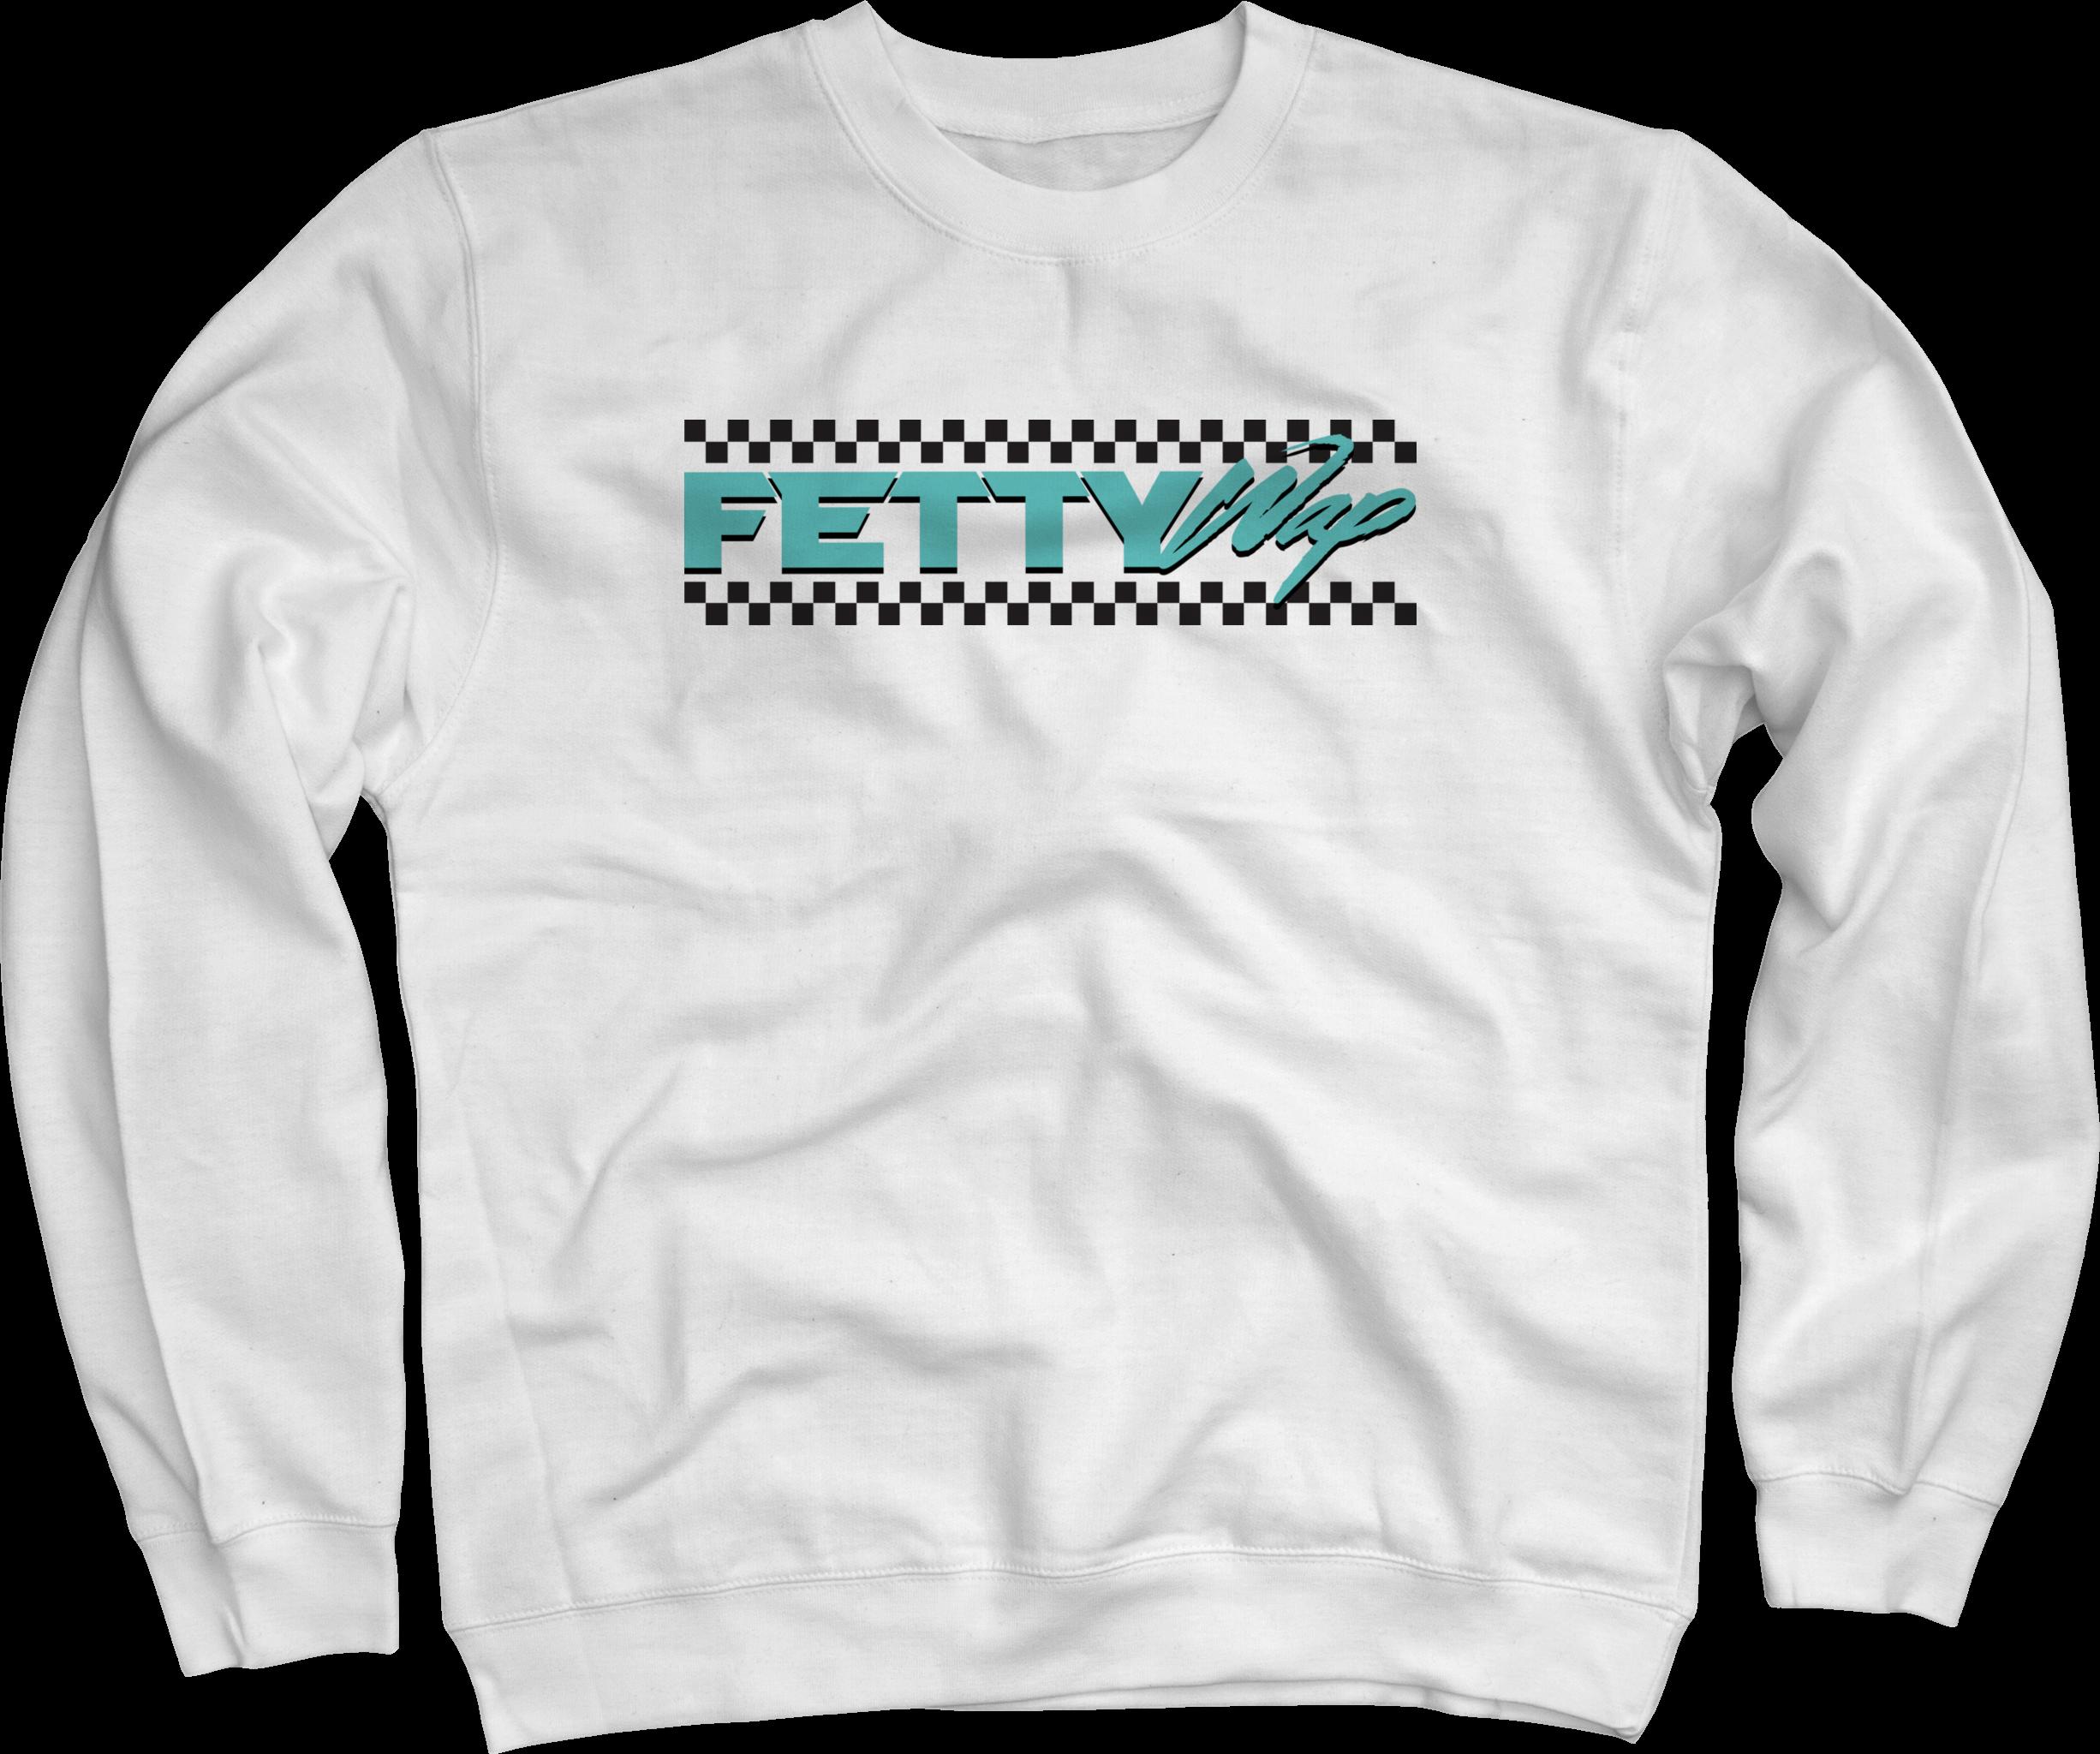 Checkered White Crewneck Sweatshirt